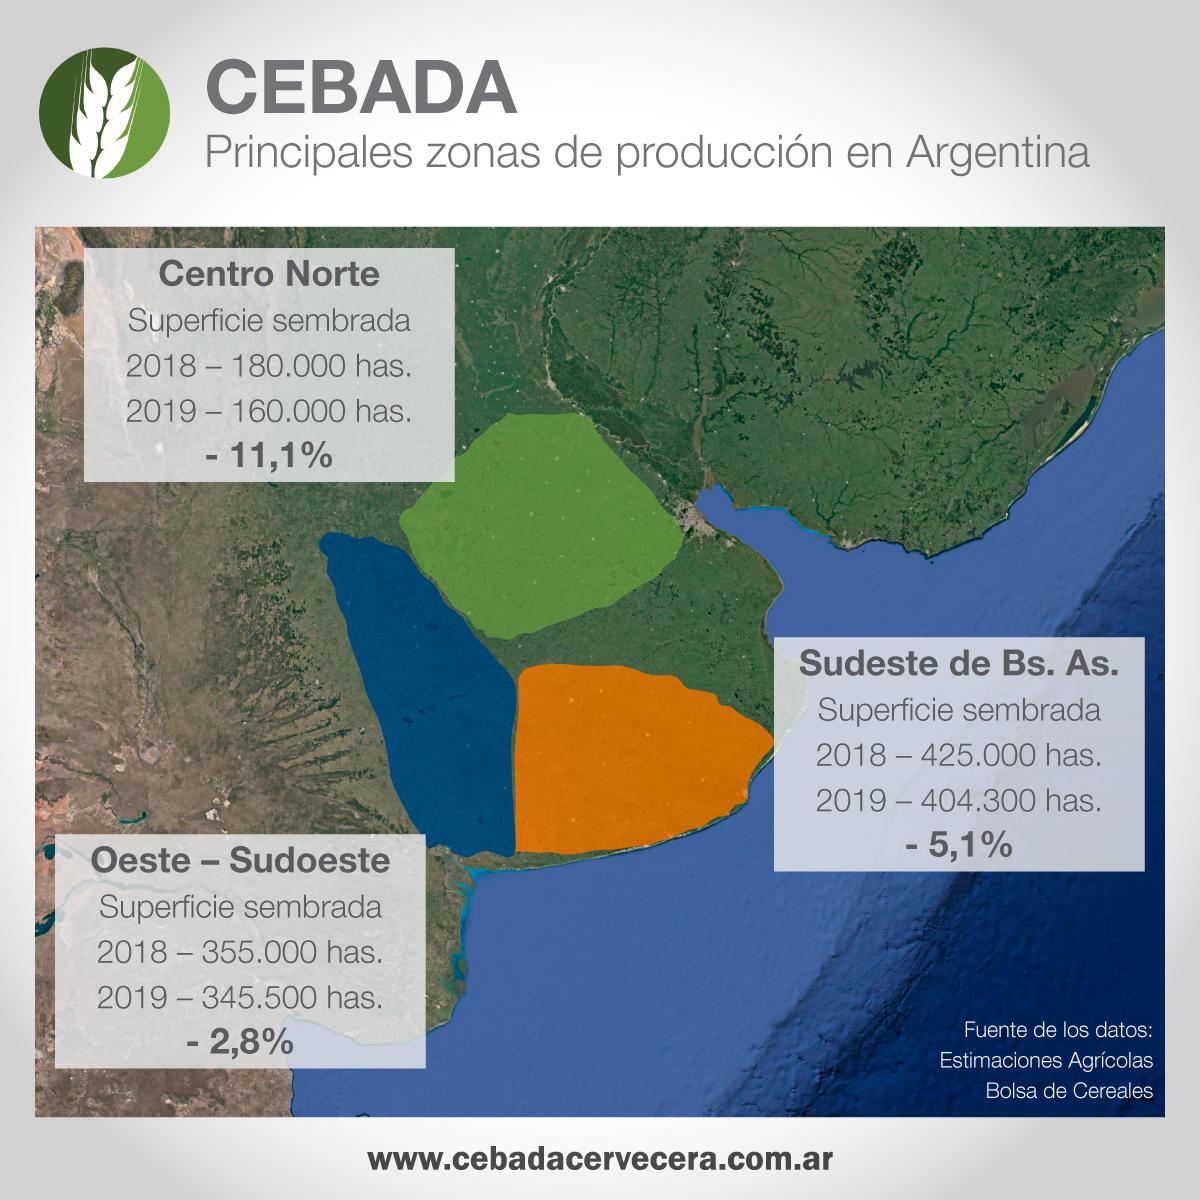 Zonas de siembra de cebada en Argentina.